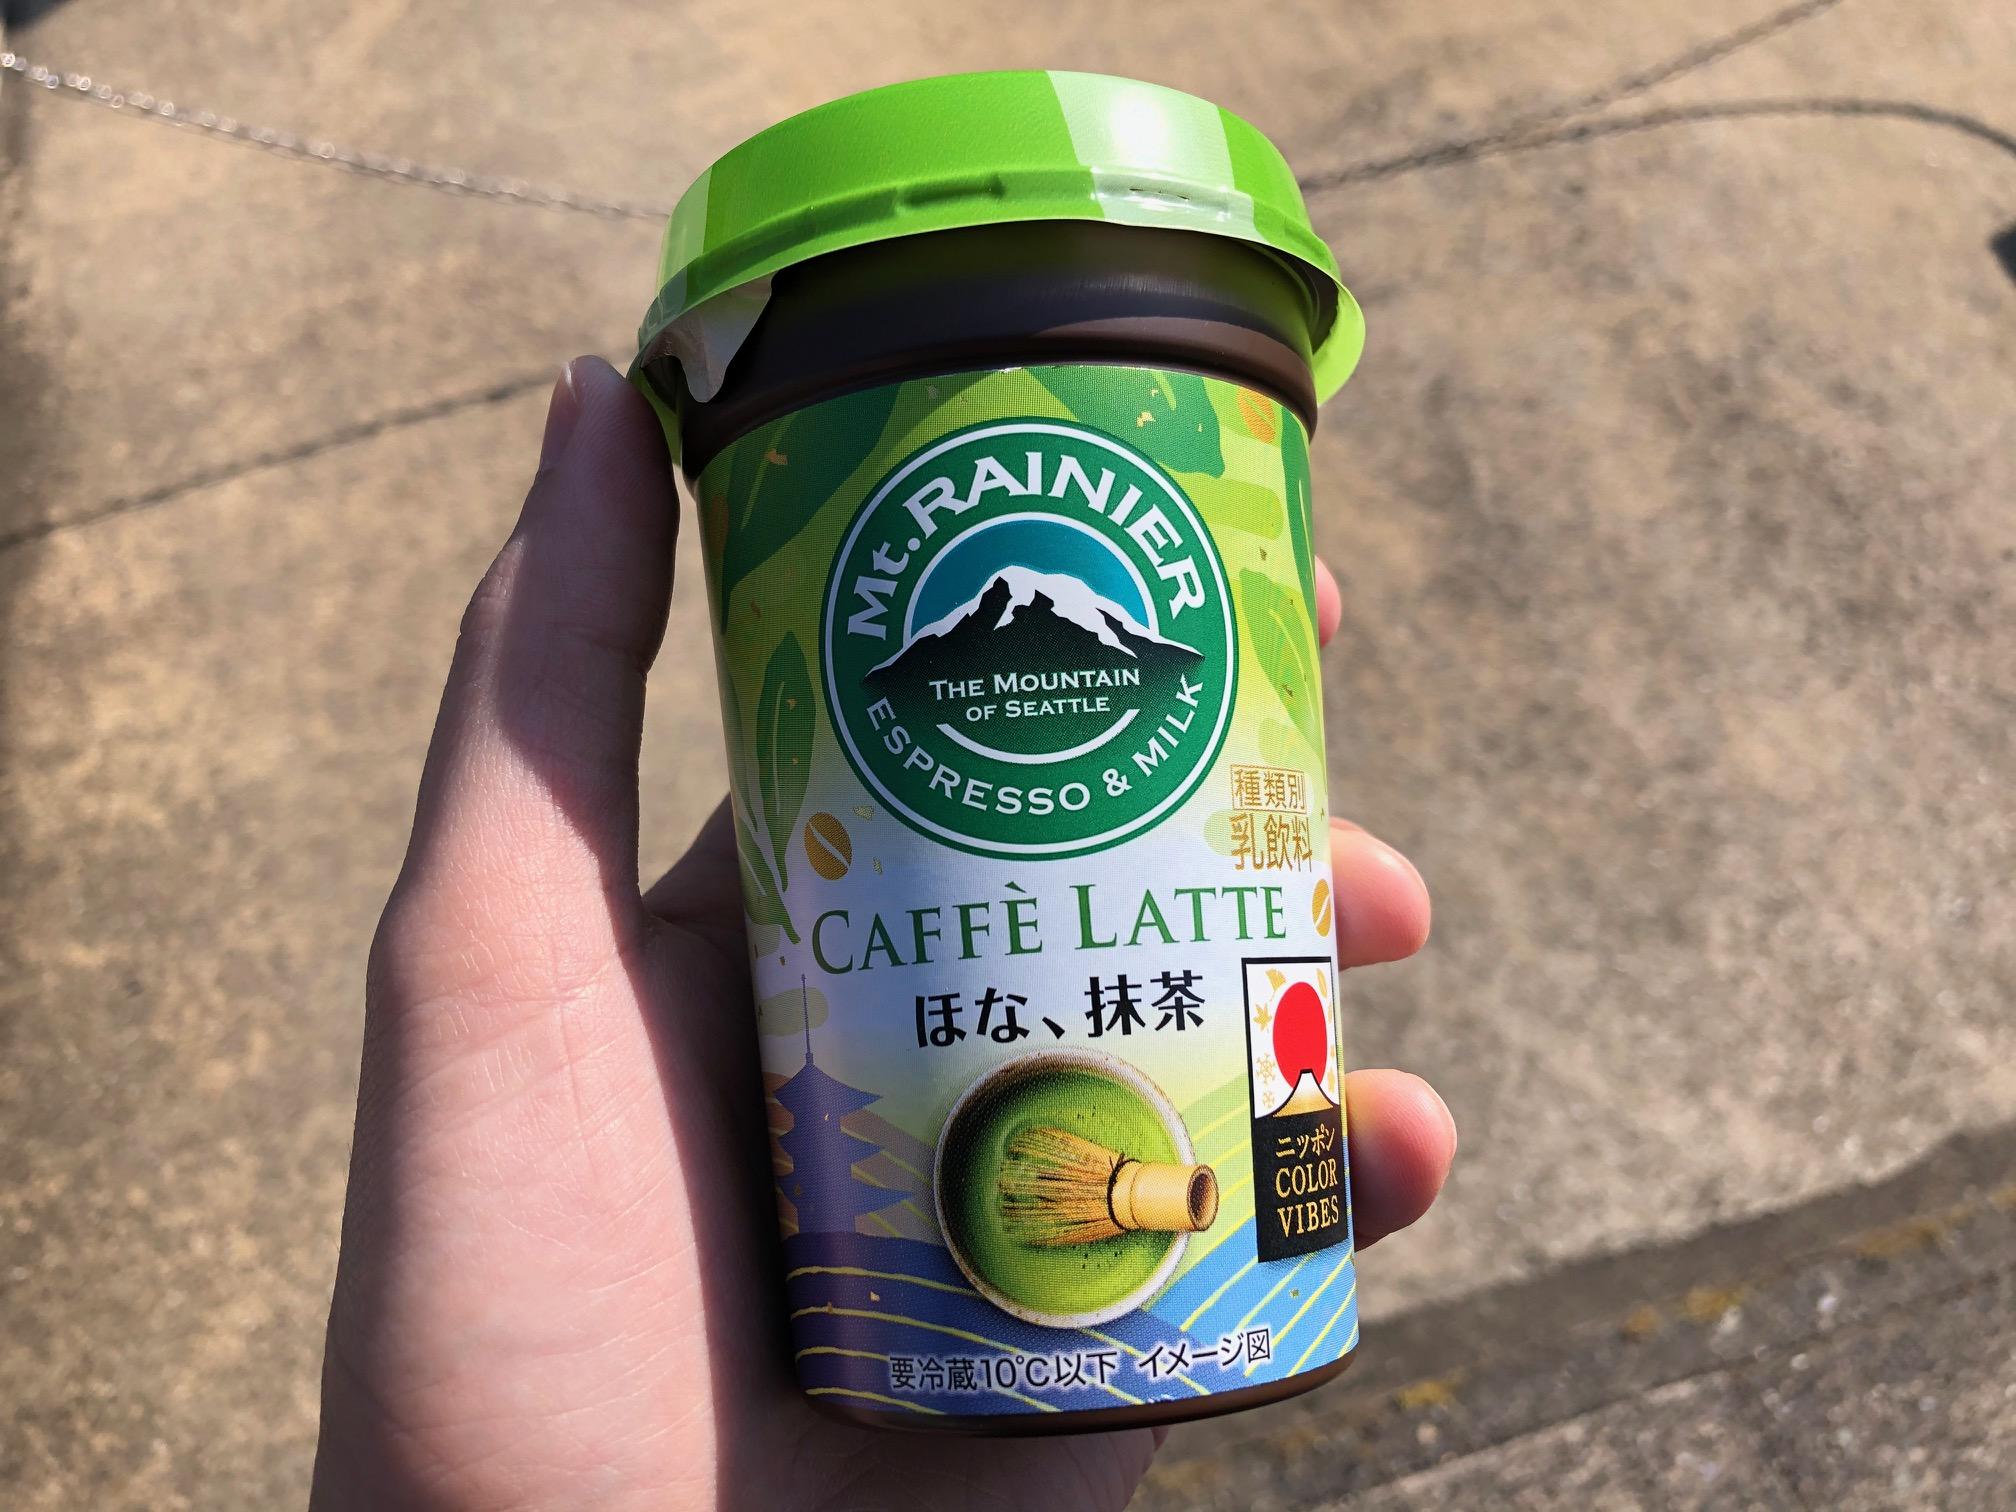 ほな 抹茶 レーニア マウント